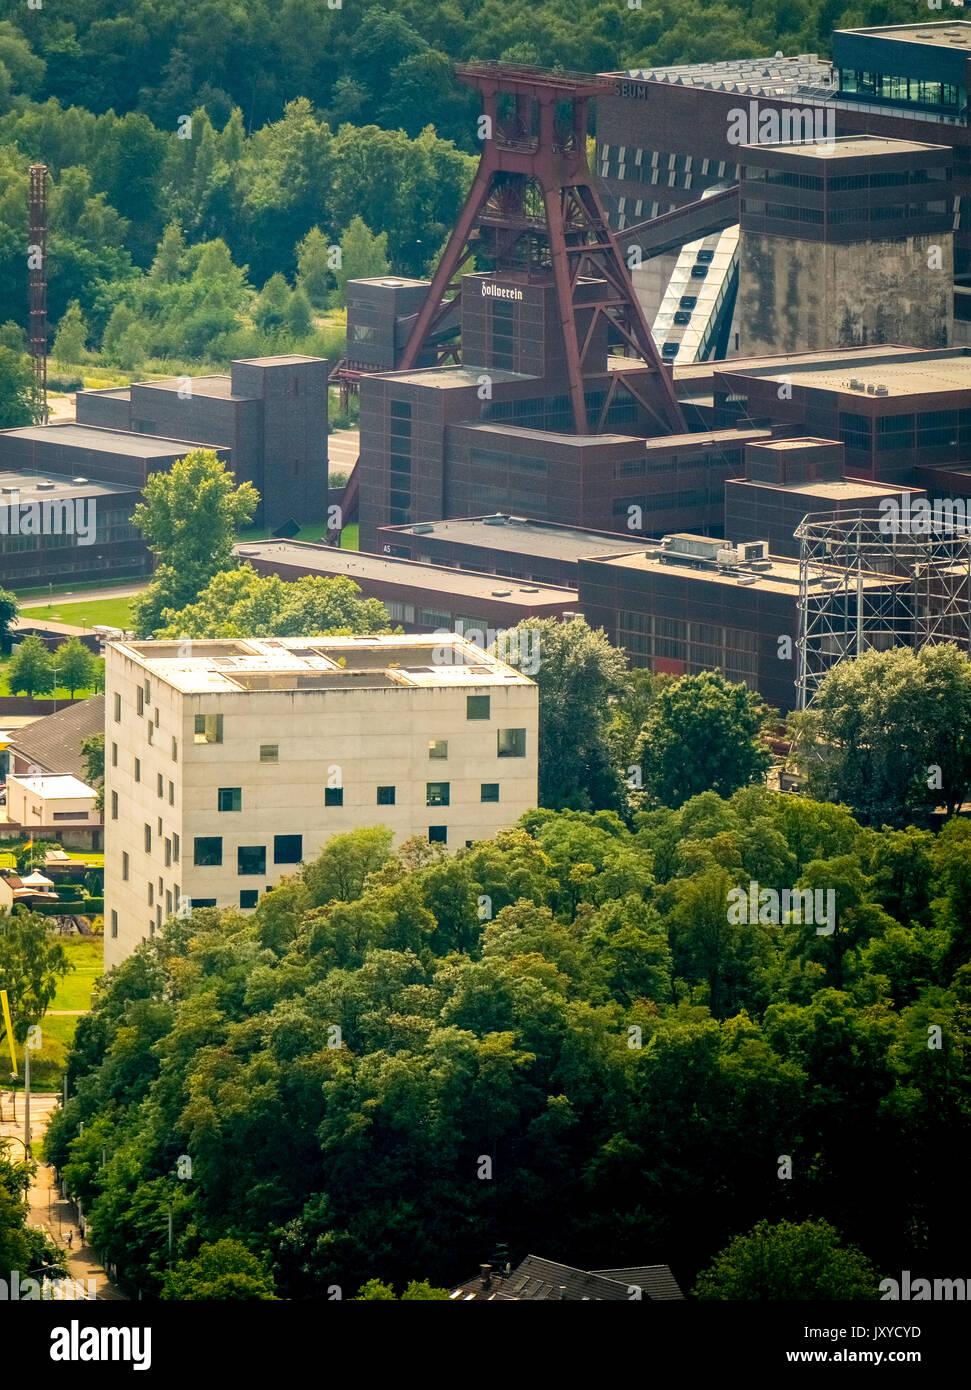 Folkwang Universität der Künste - SANAA - Berndorf, Zollverein-Kubus, Areal Weltkulturerbe Zollverein Stockbild